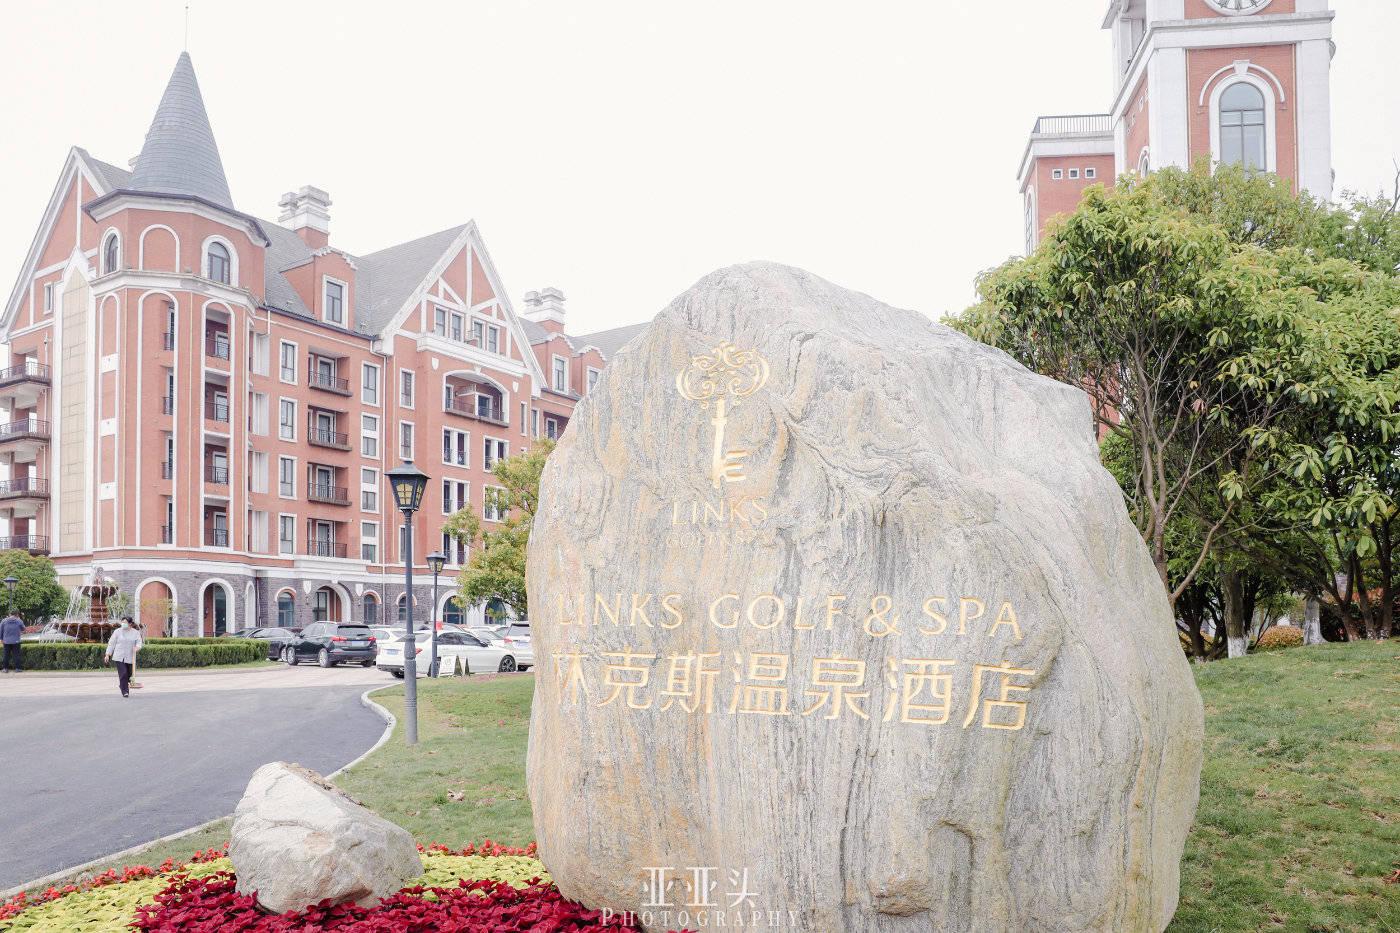 上海周边真的有海洋温泉吗?是的,自驾3小时就能到